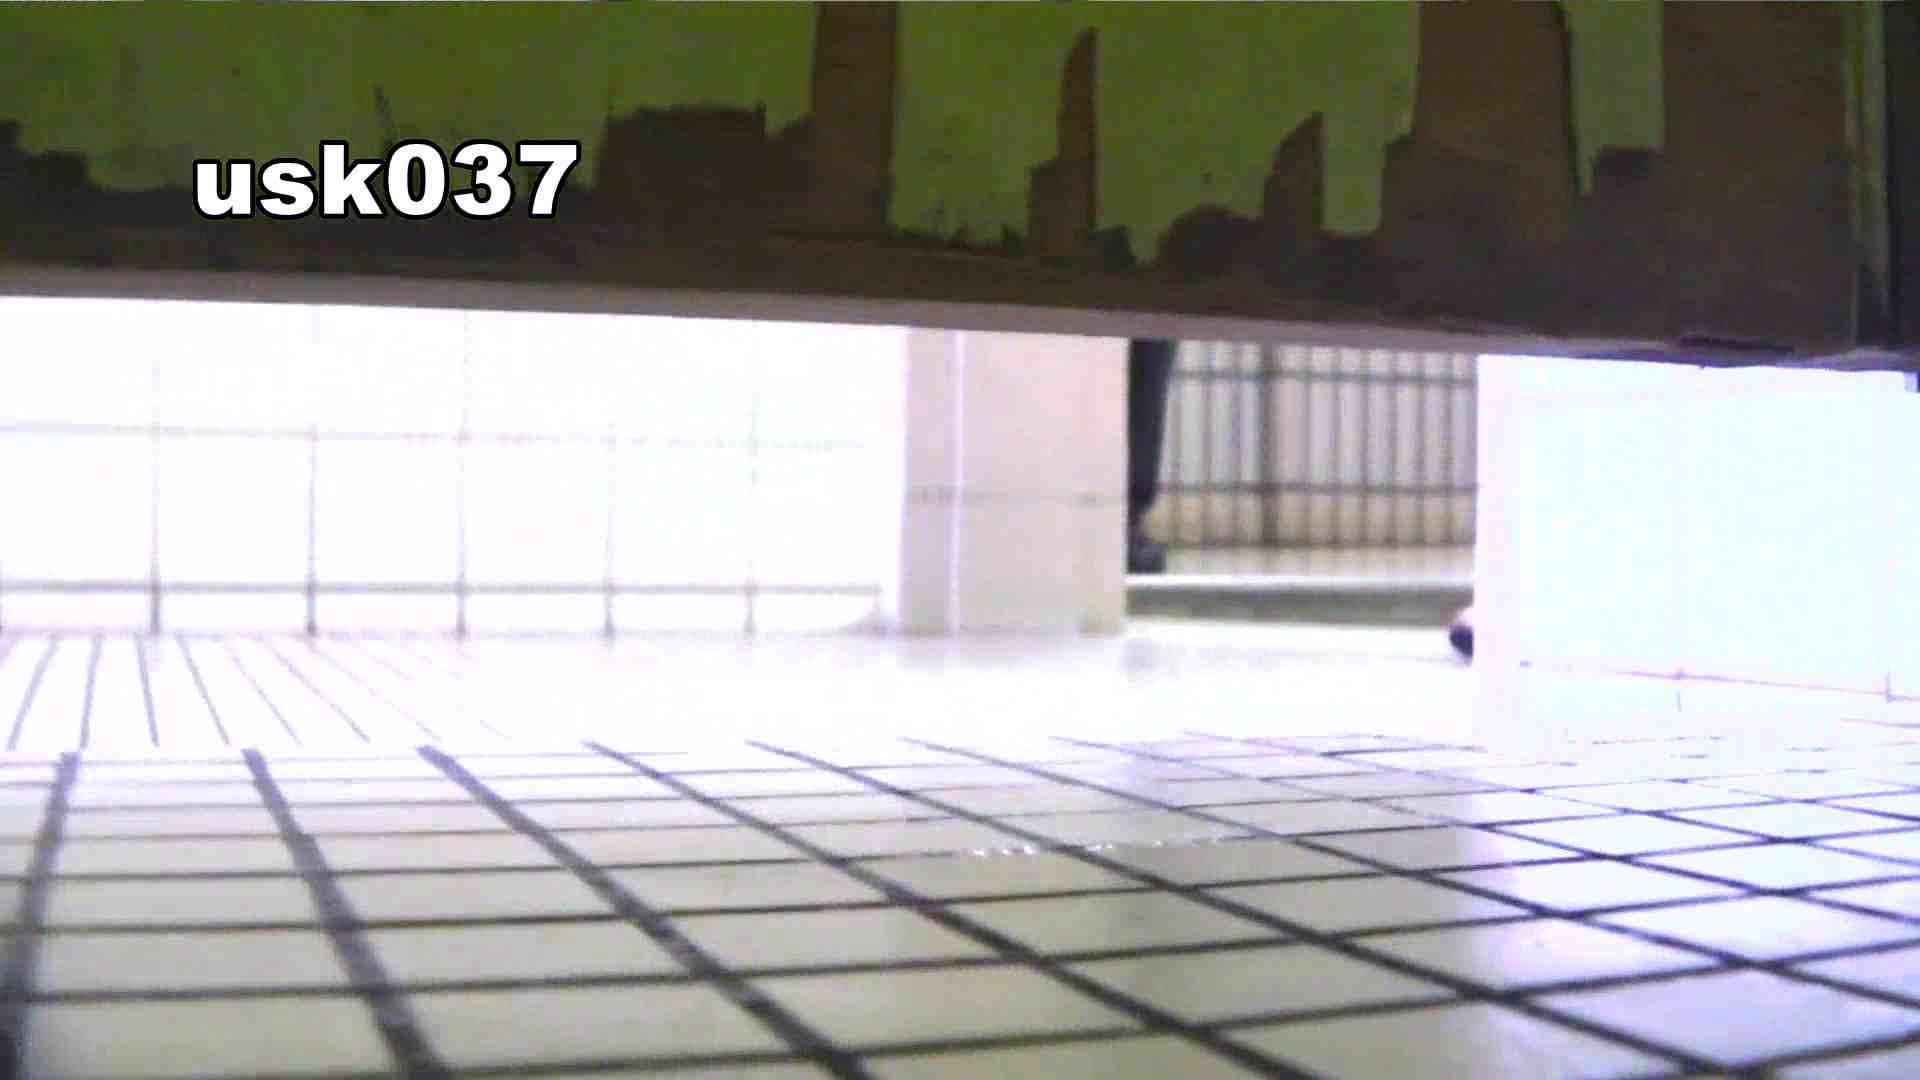 【美しき個室な世界】 vol.037 ひねり出す様子(フトイです) 洗面所  73PIX 68